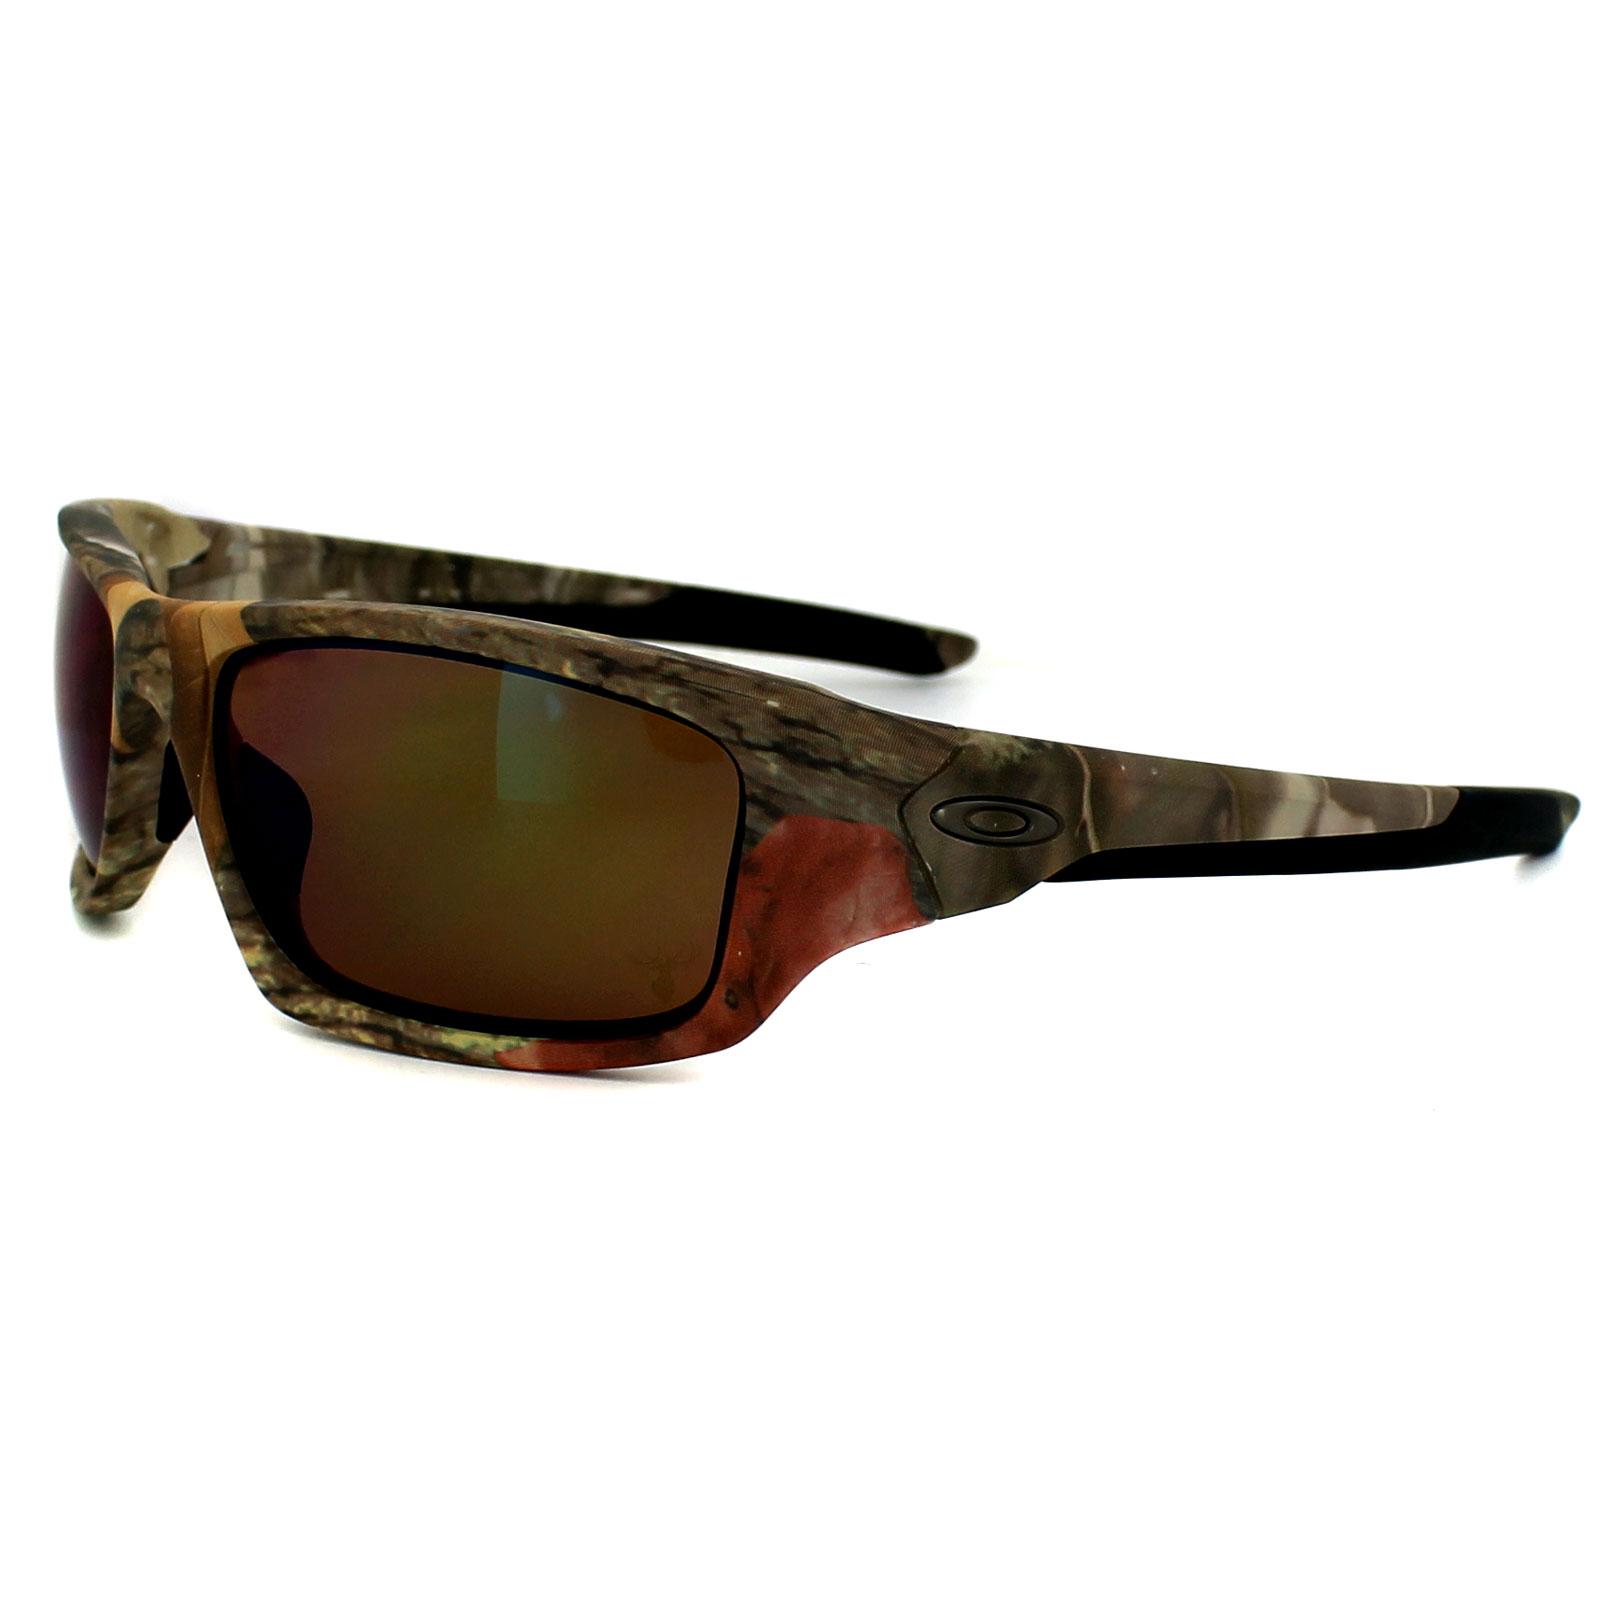 c073cf0467a Camo Oakley Sunglasses Ebay « Heritage Malta